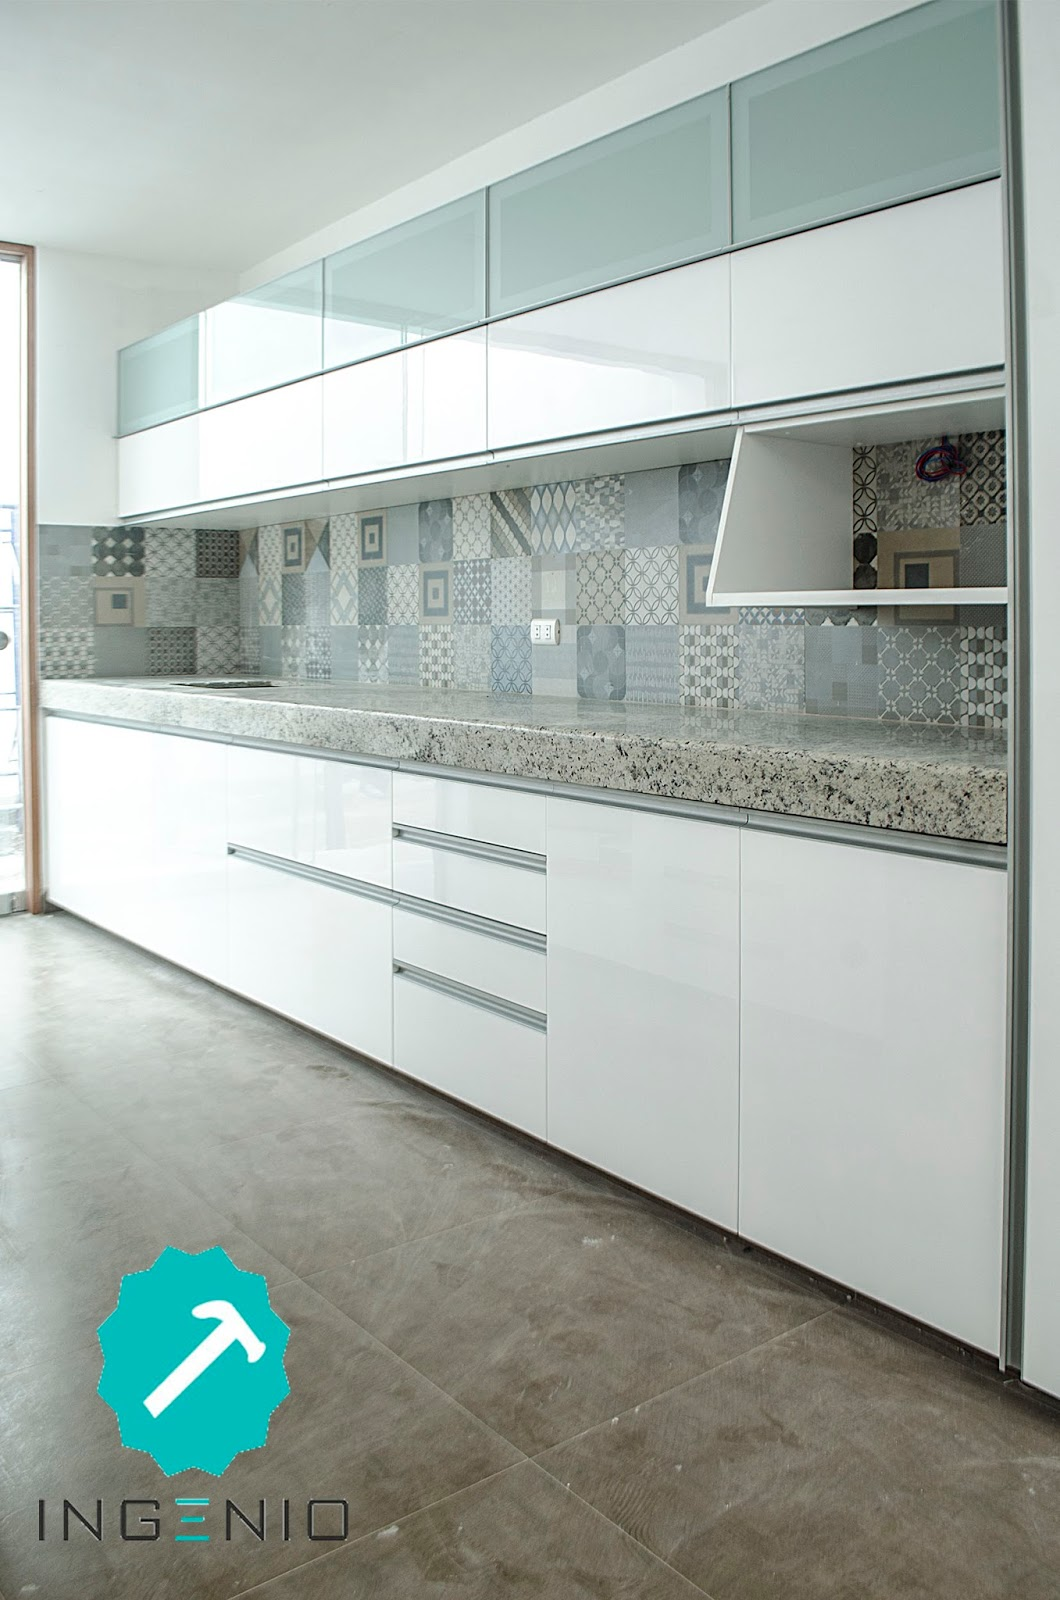 Ingenio Mueble Cocina En Poliuretano Blanco